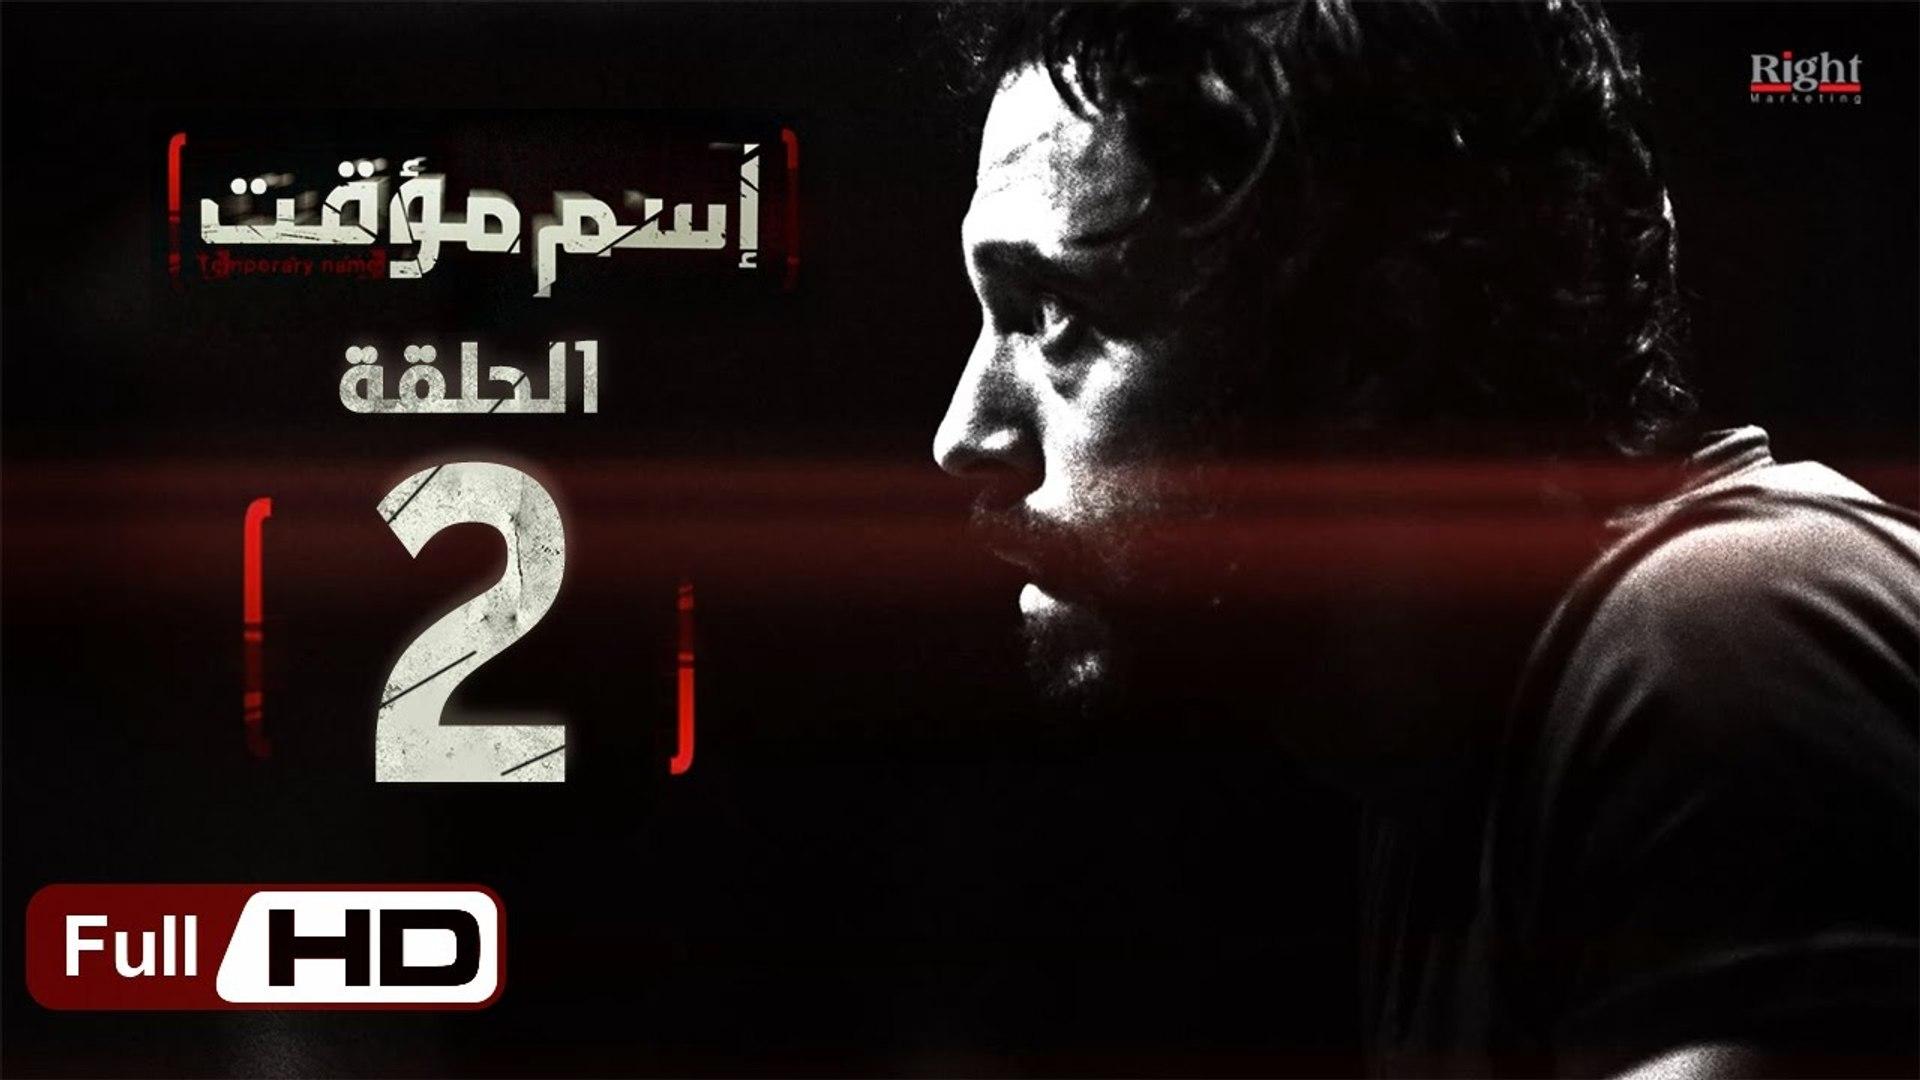 مسلسل اسم مؤقت HD - الحلقة 2 (الثانية) - بطولة يوسف الشريف و شيري عادل - Temporary  Name Series - video Dailymotion